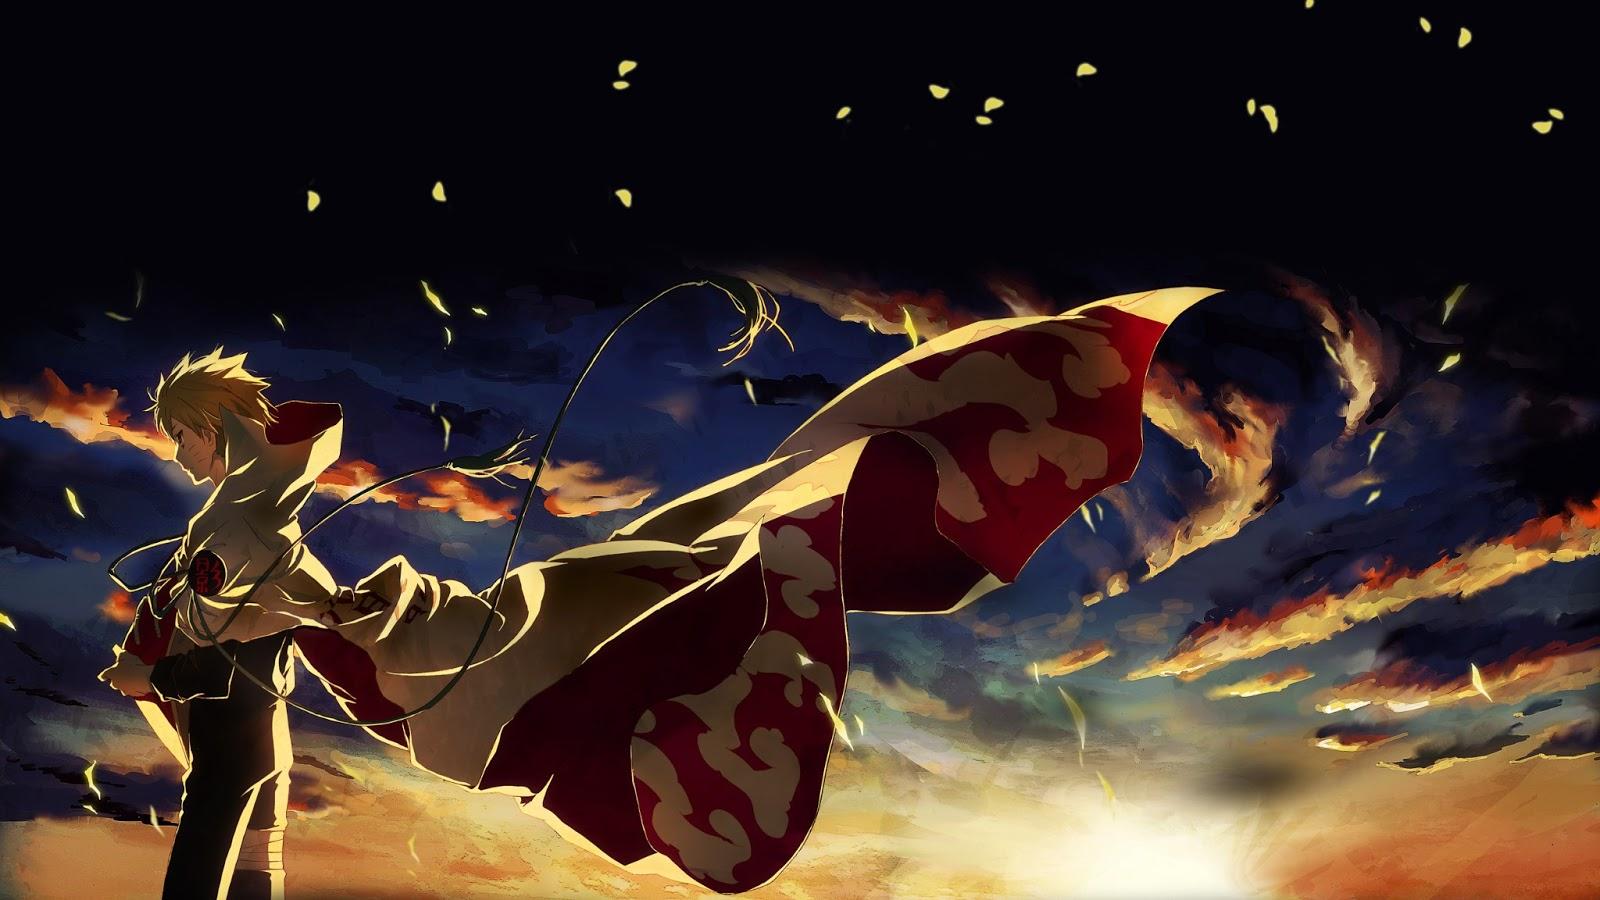 74 ] Cool Naruto Wallpapers Hd On WallpaperSafari